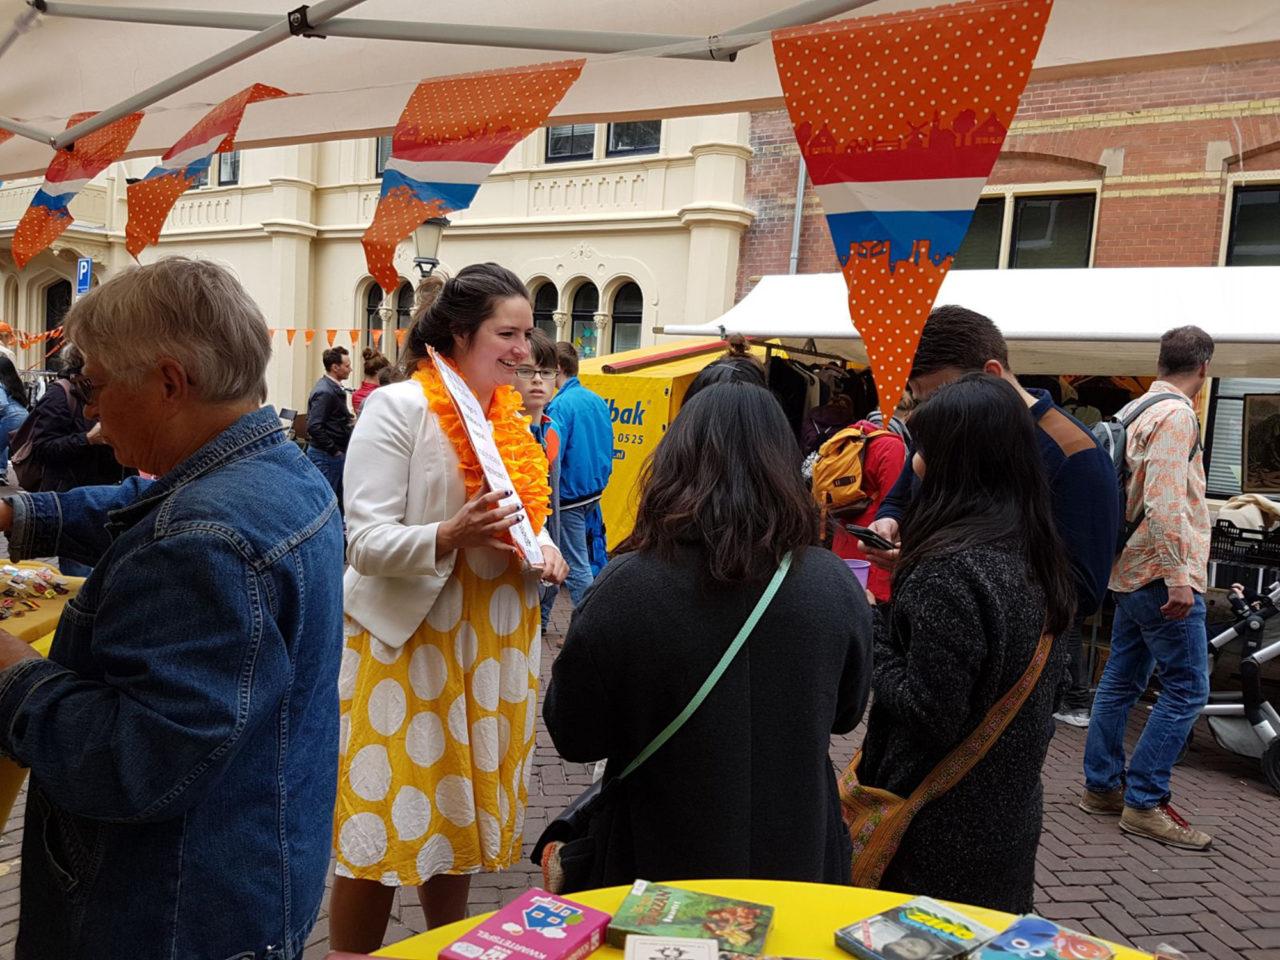 Koningsdag-Sophie-van-der-Zee